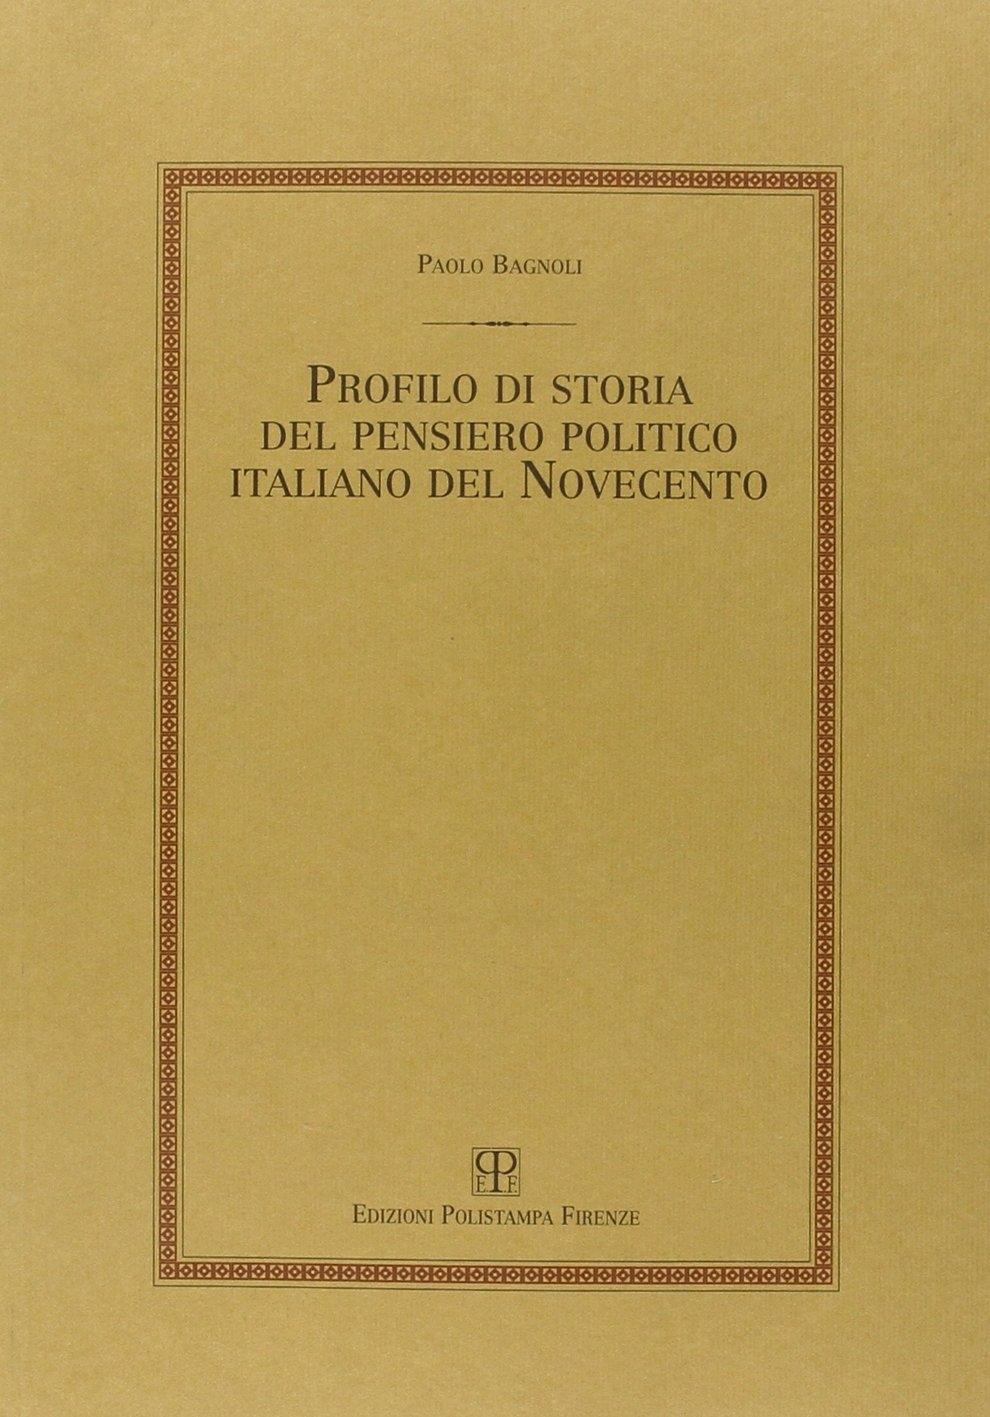 Profilo di storia del pensiero politico italiano del Novecento.